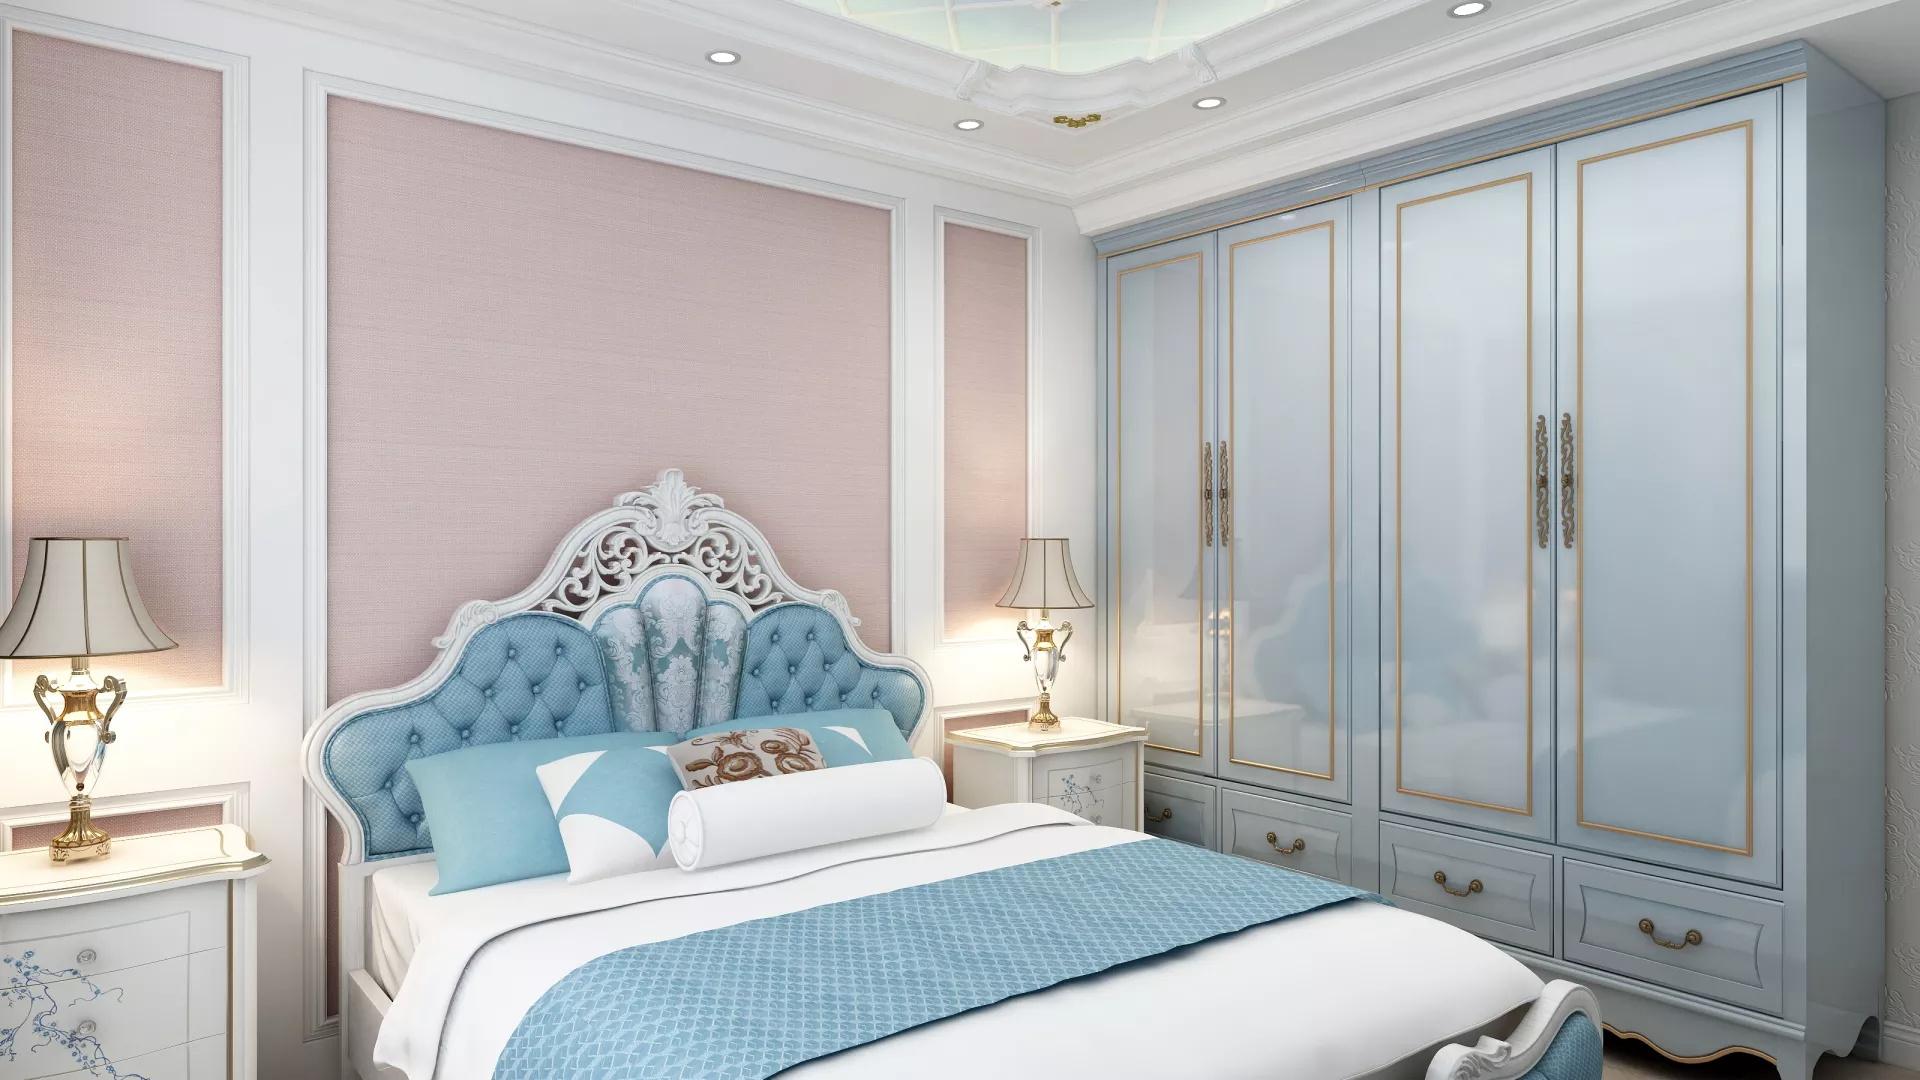 女生卧室装修用什么颜色好 女生房间装修颜色选哪一种